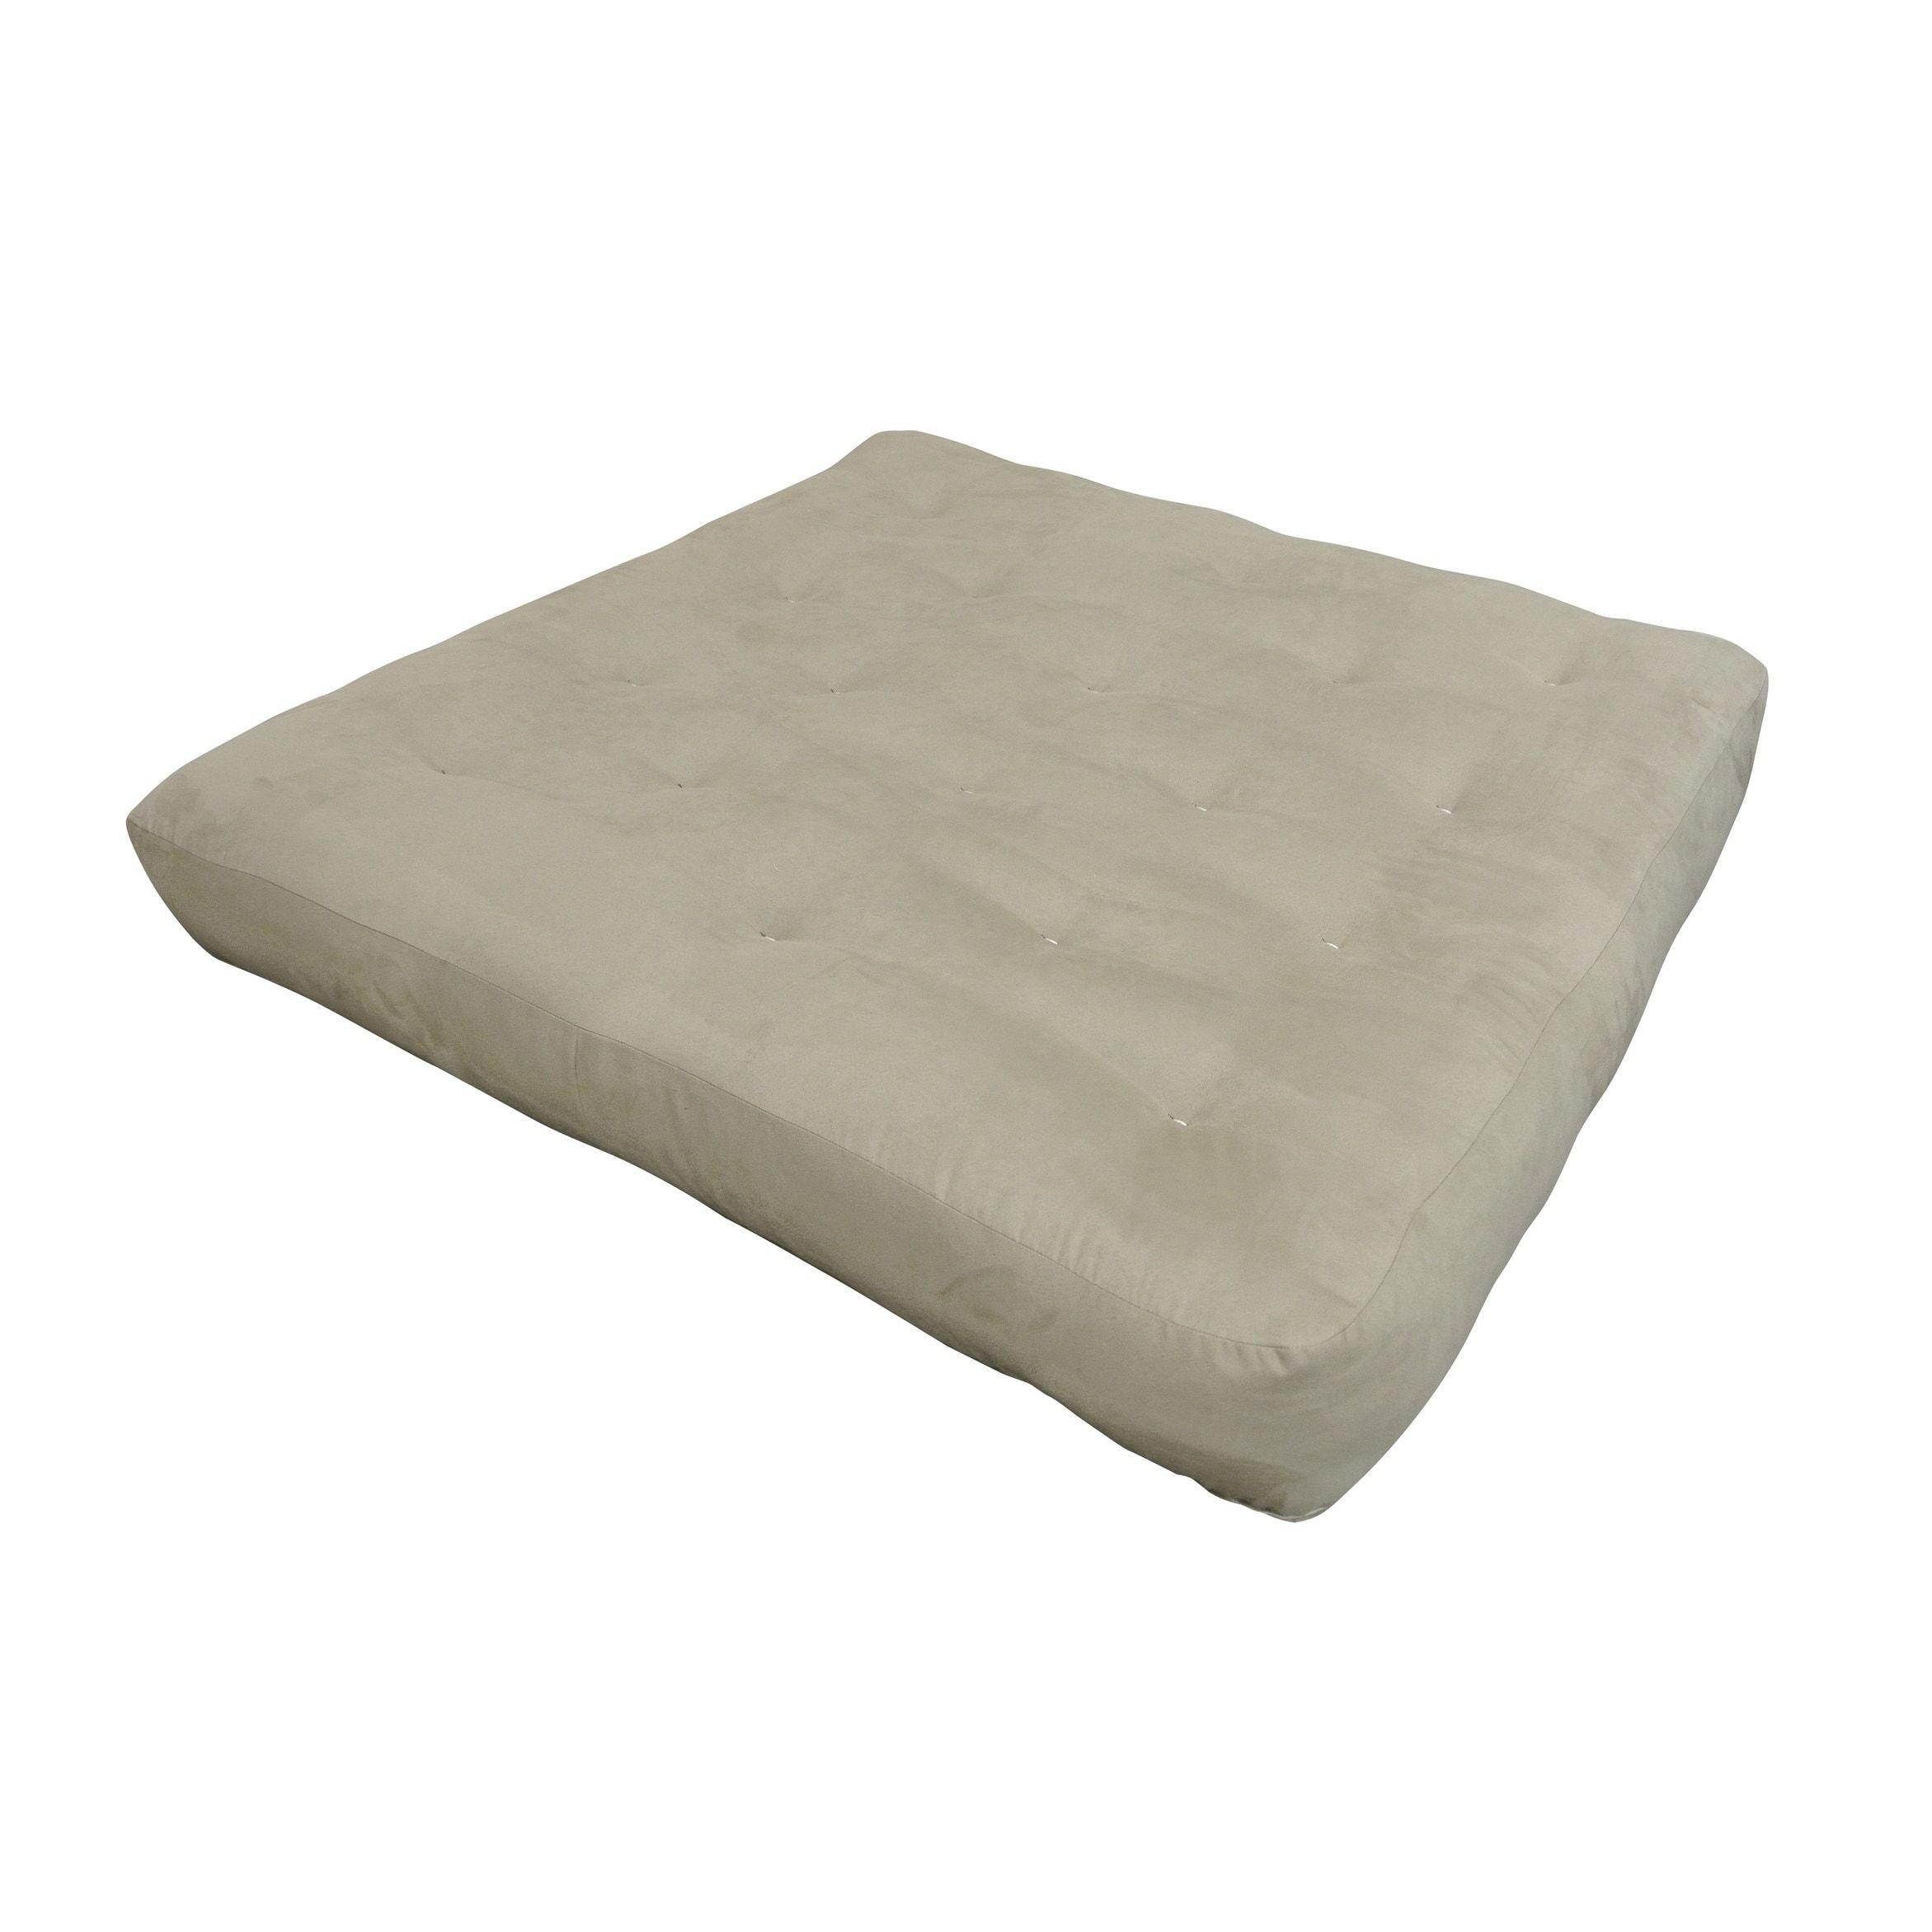 Feathertouch Ii Tan Microfiber Loveseat Futon Mattress Polyester Foam Cotton